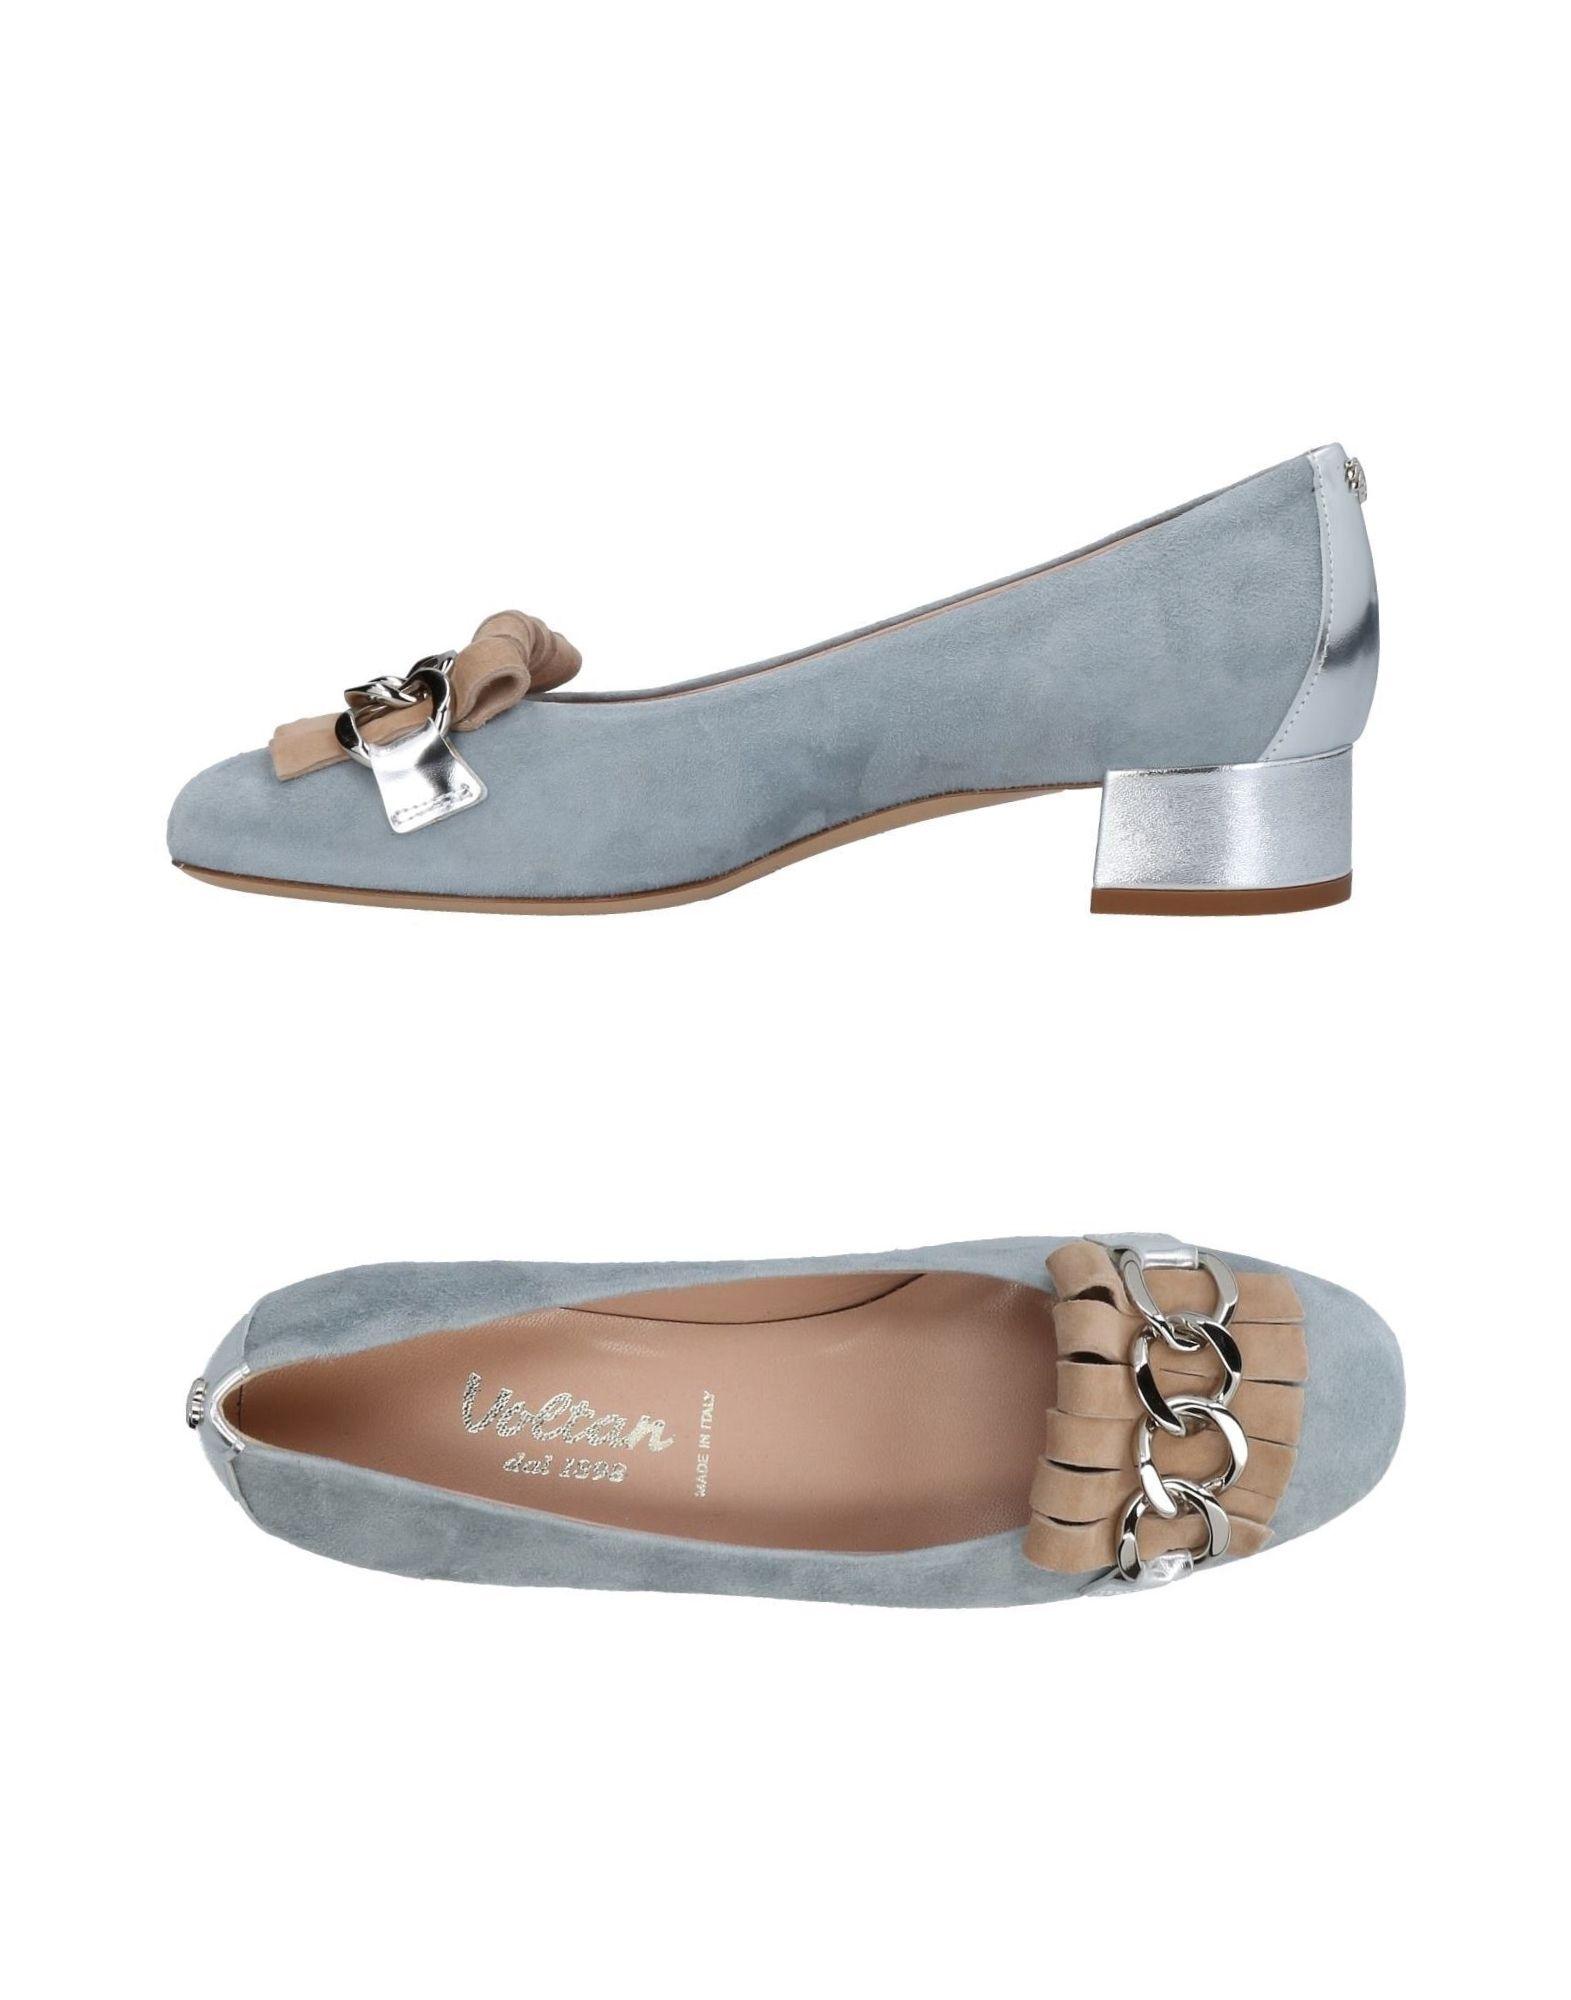 Voltan Mokassins Damen  11441156DL Gute Qualität beliebte Schuhe